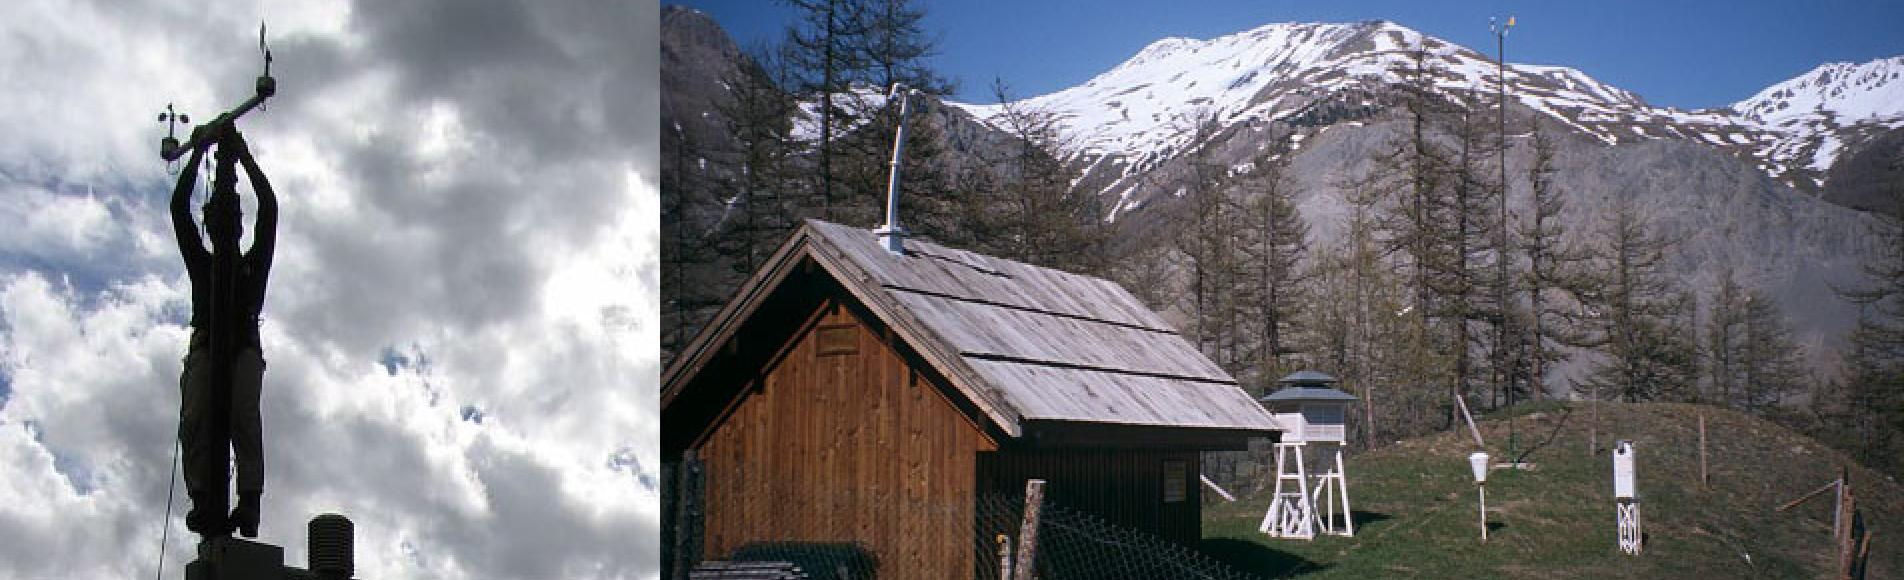 La station MERA au Casset - mesures de l'évolution de la pollution atmosphérique longue-distance